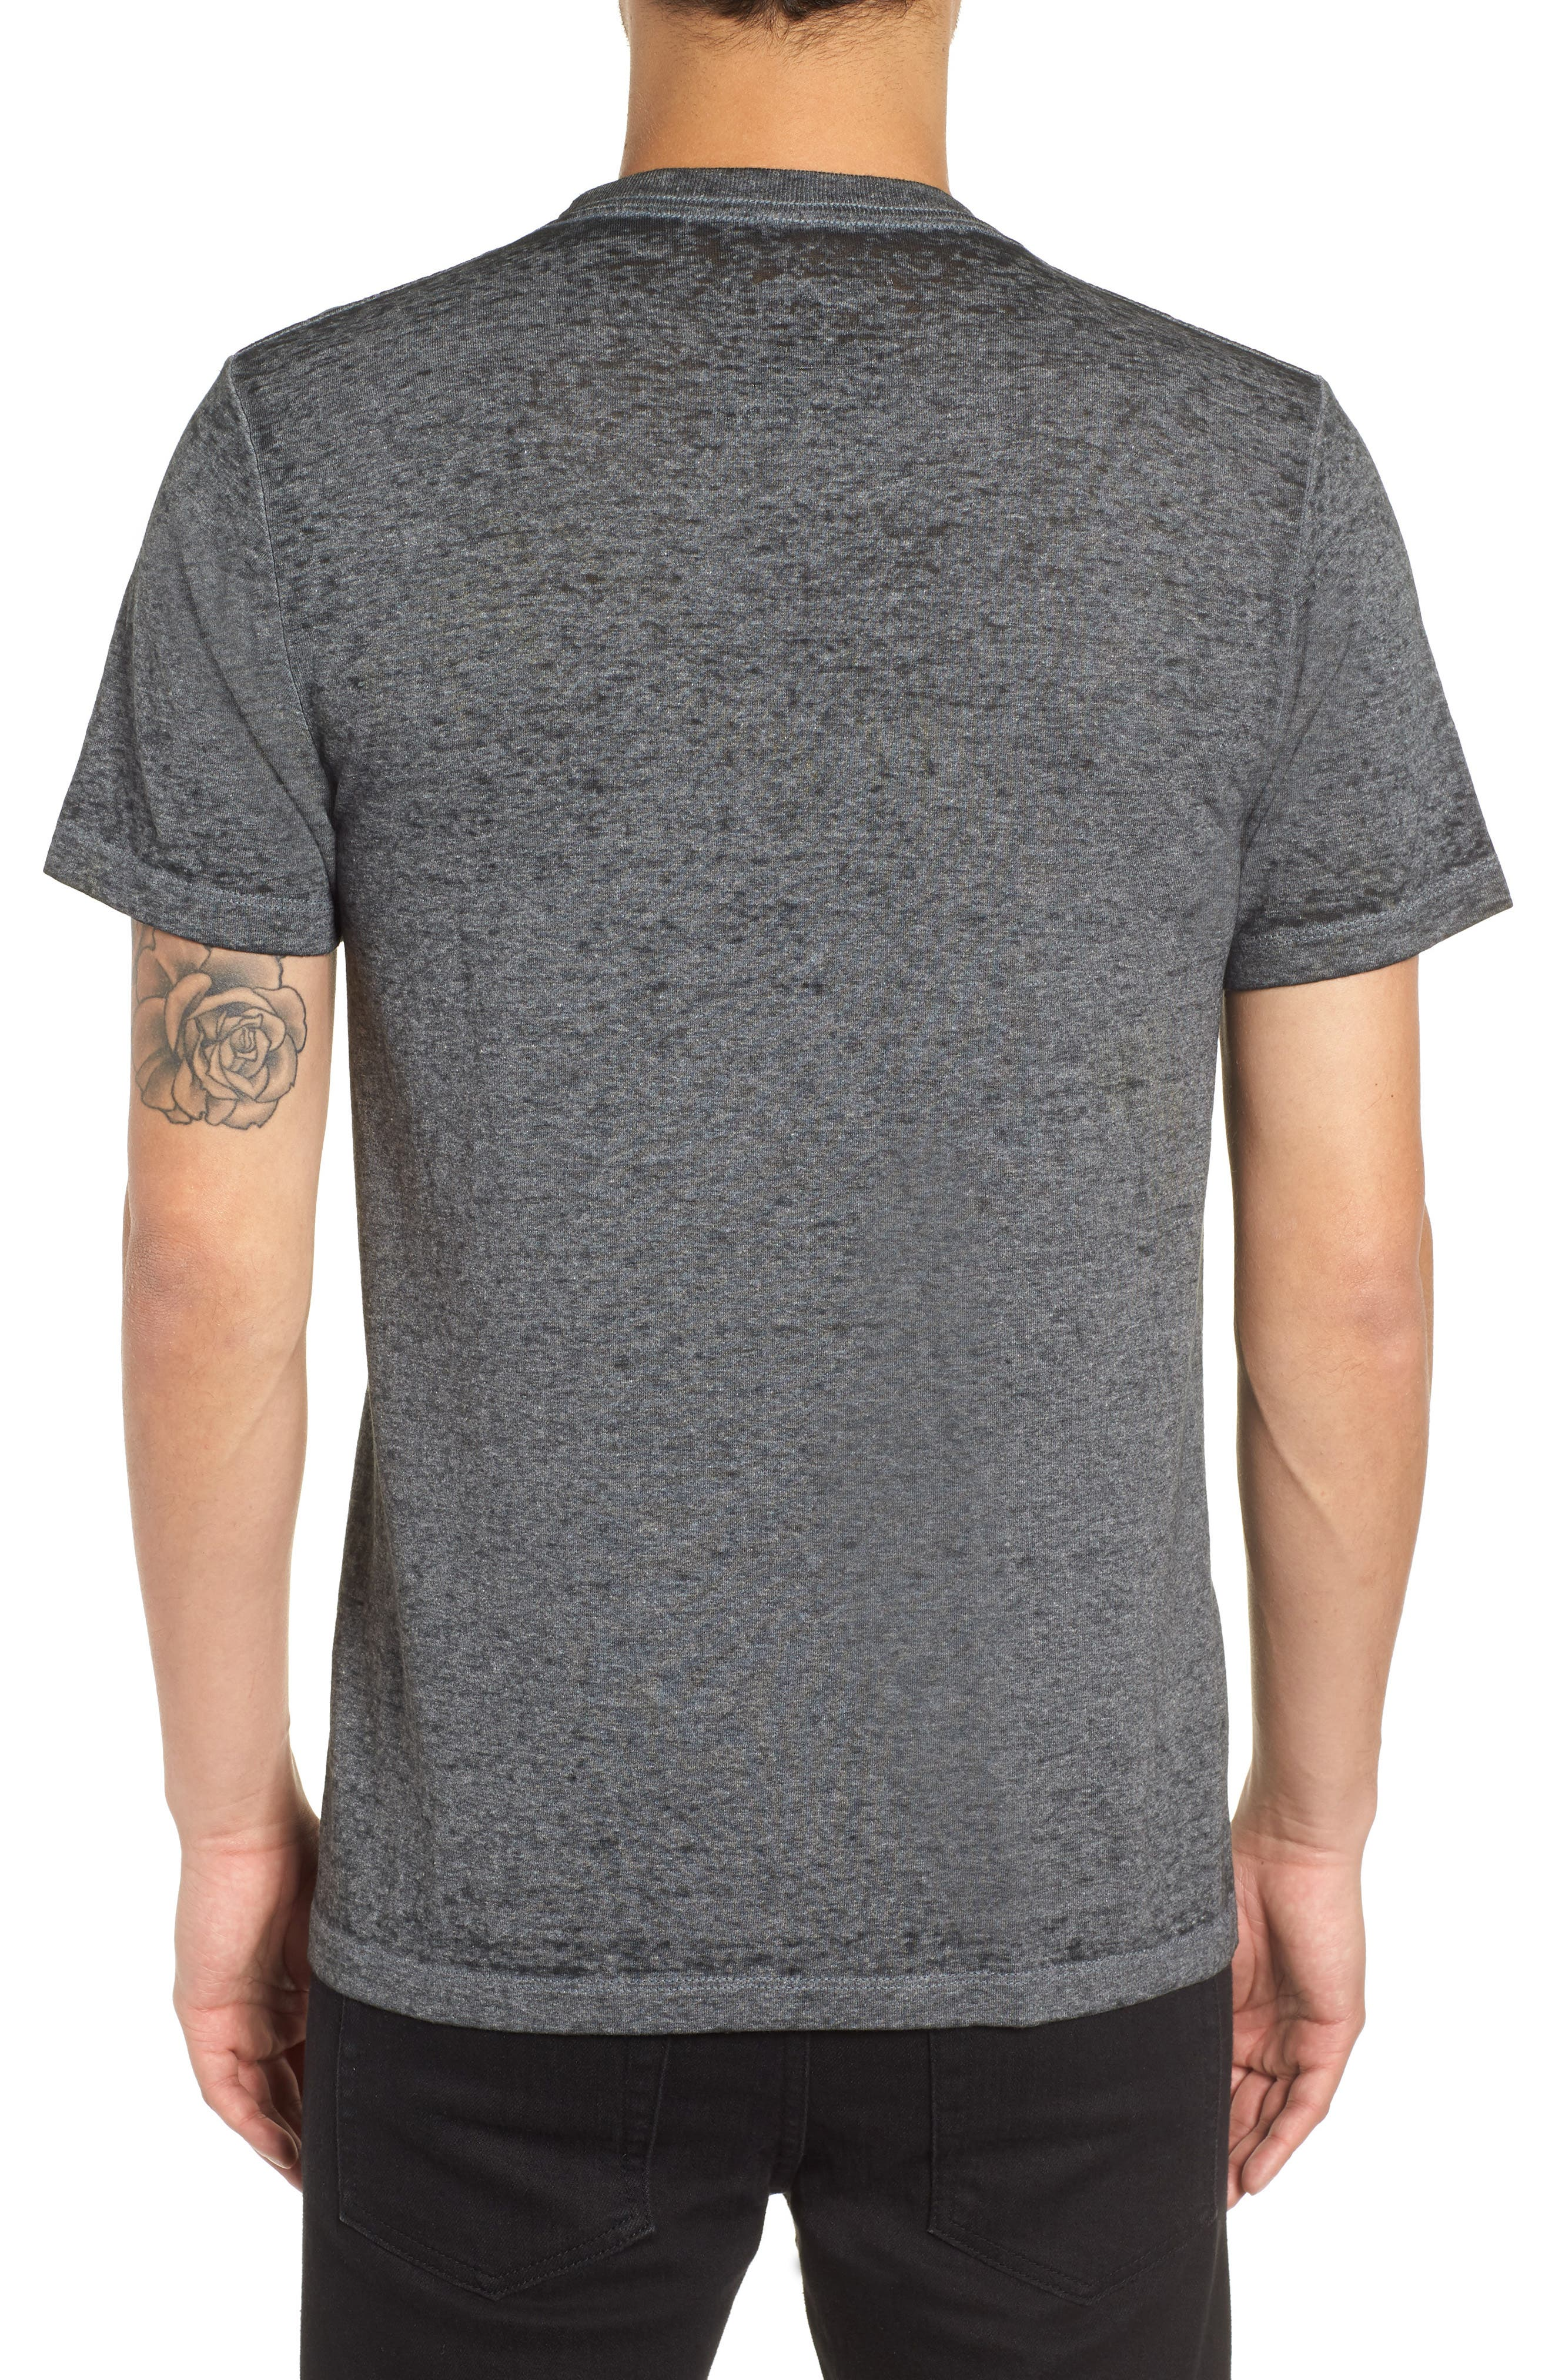 Grateful Dead Graphic T-Shirt,                             Alternate thumbnail 2, color,                             030